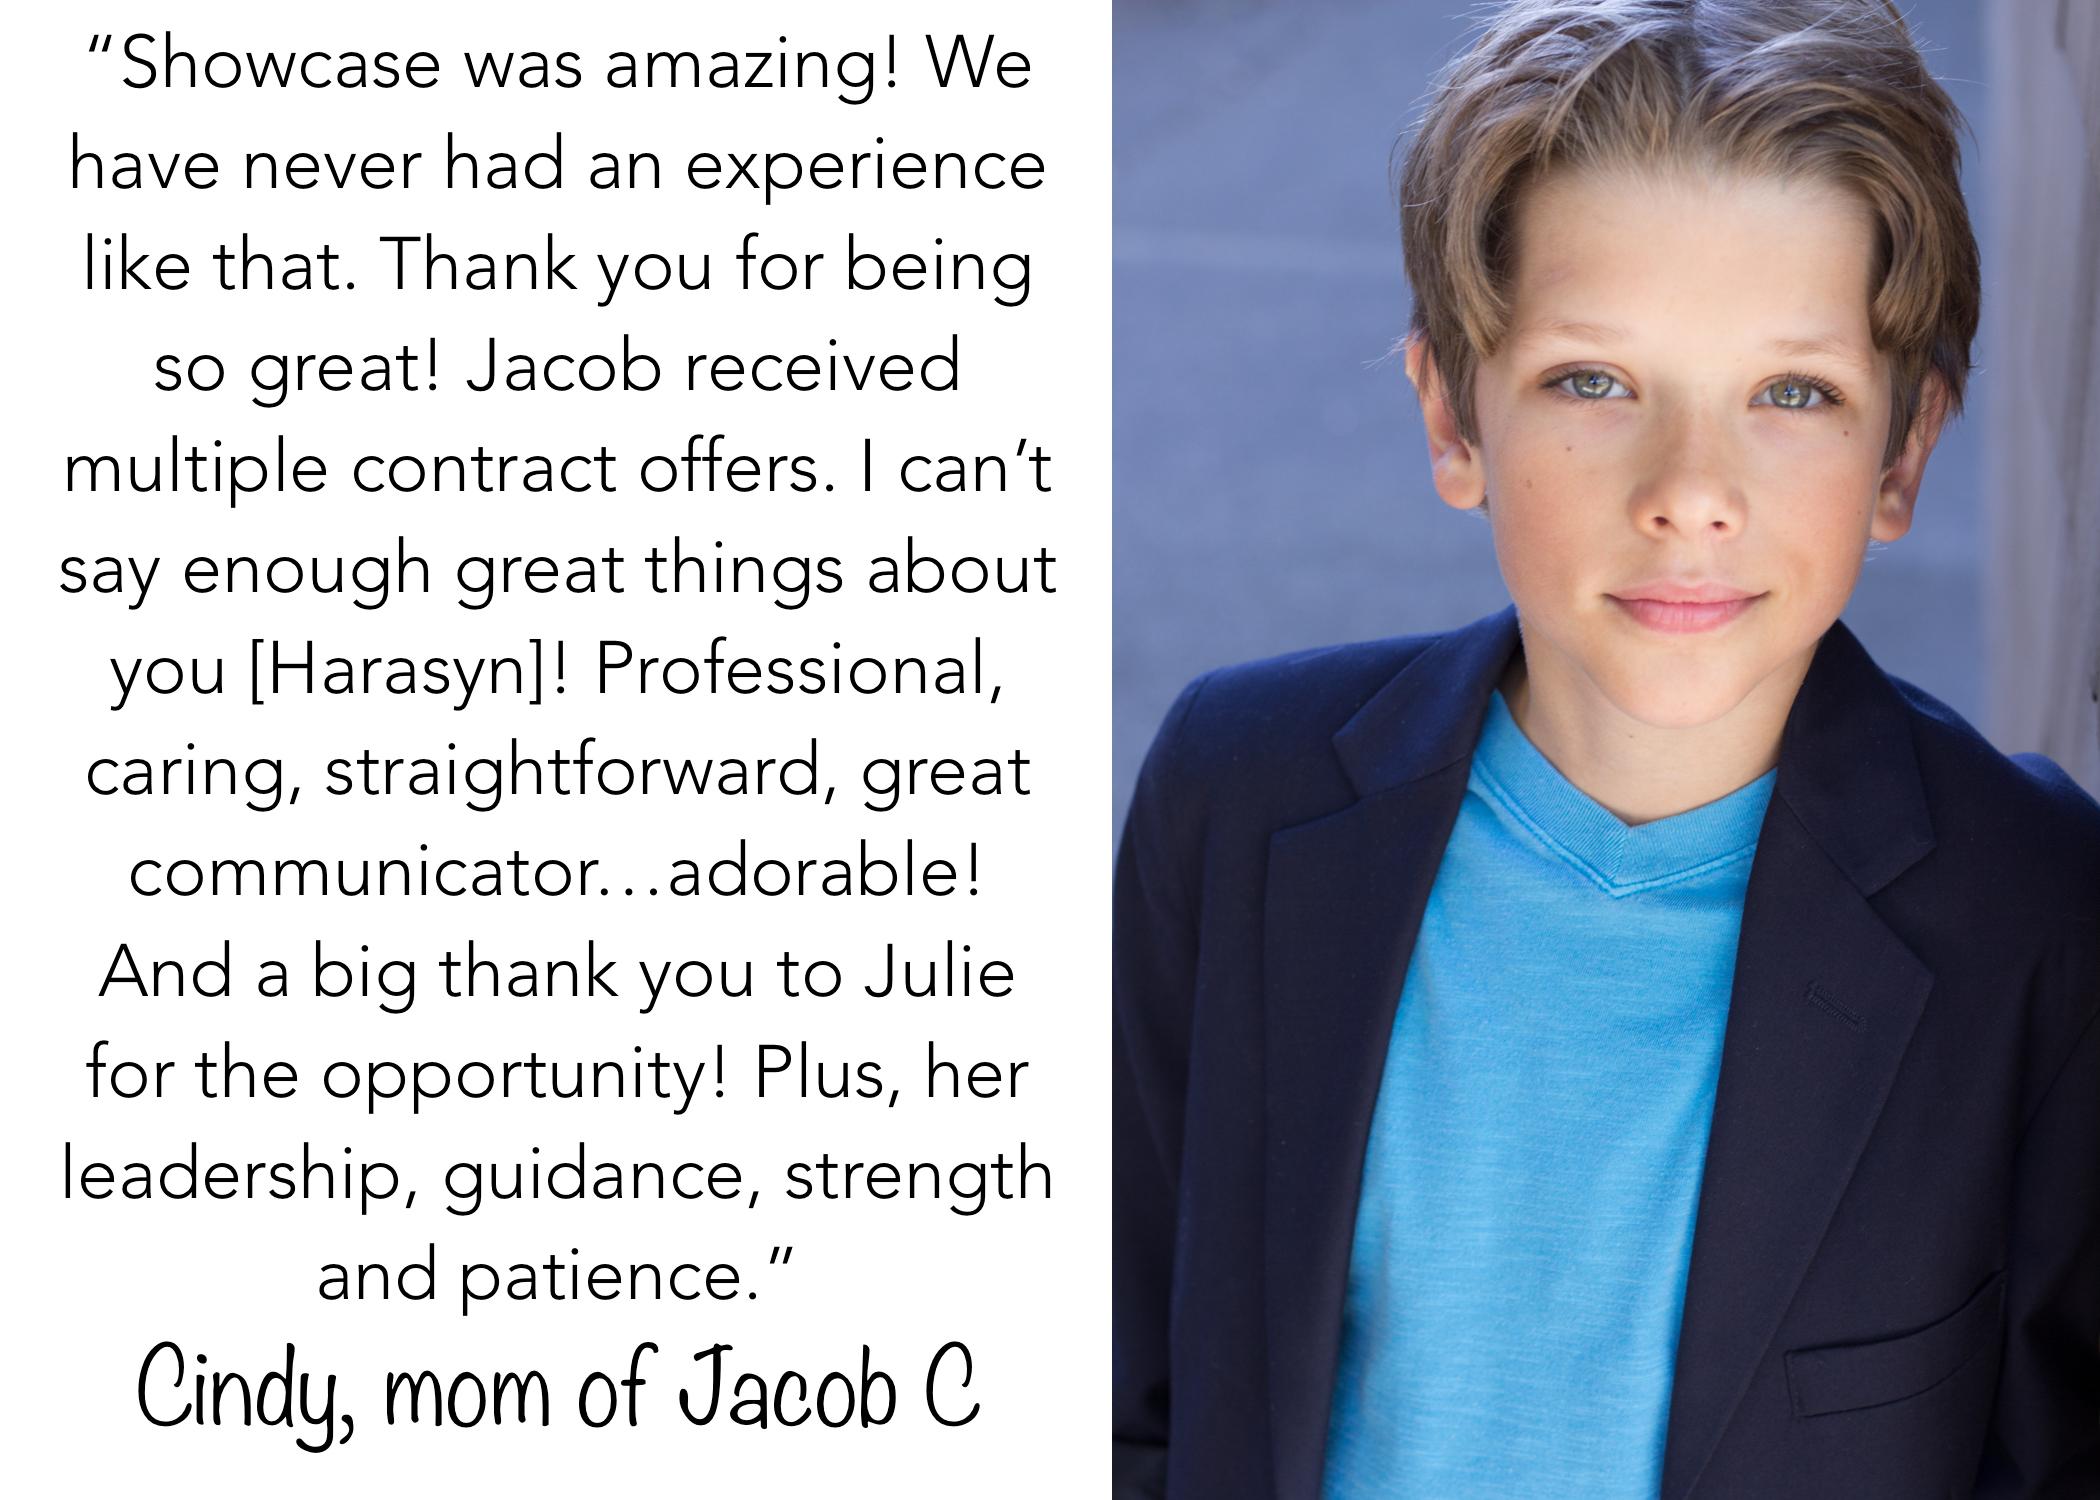 Jacob C